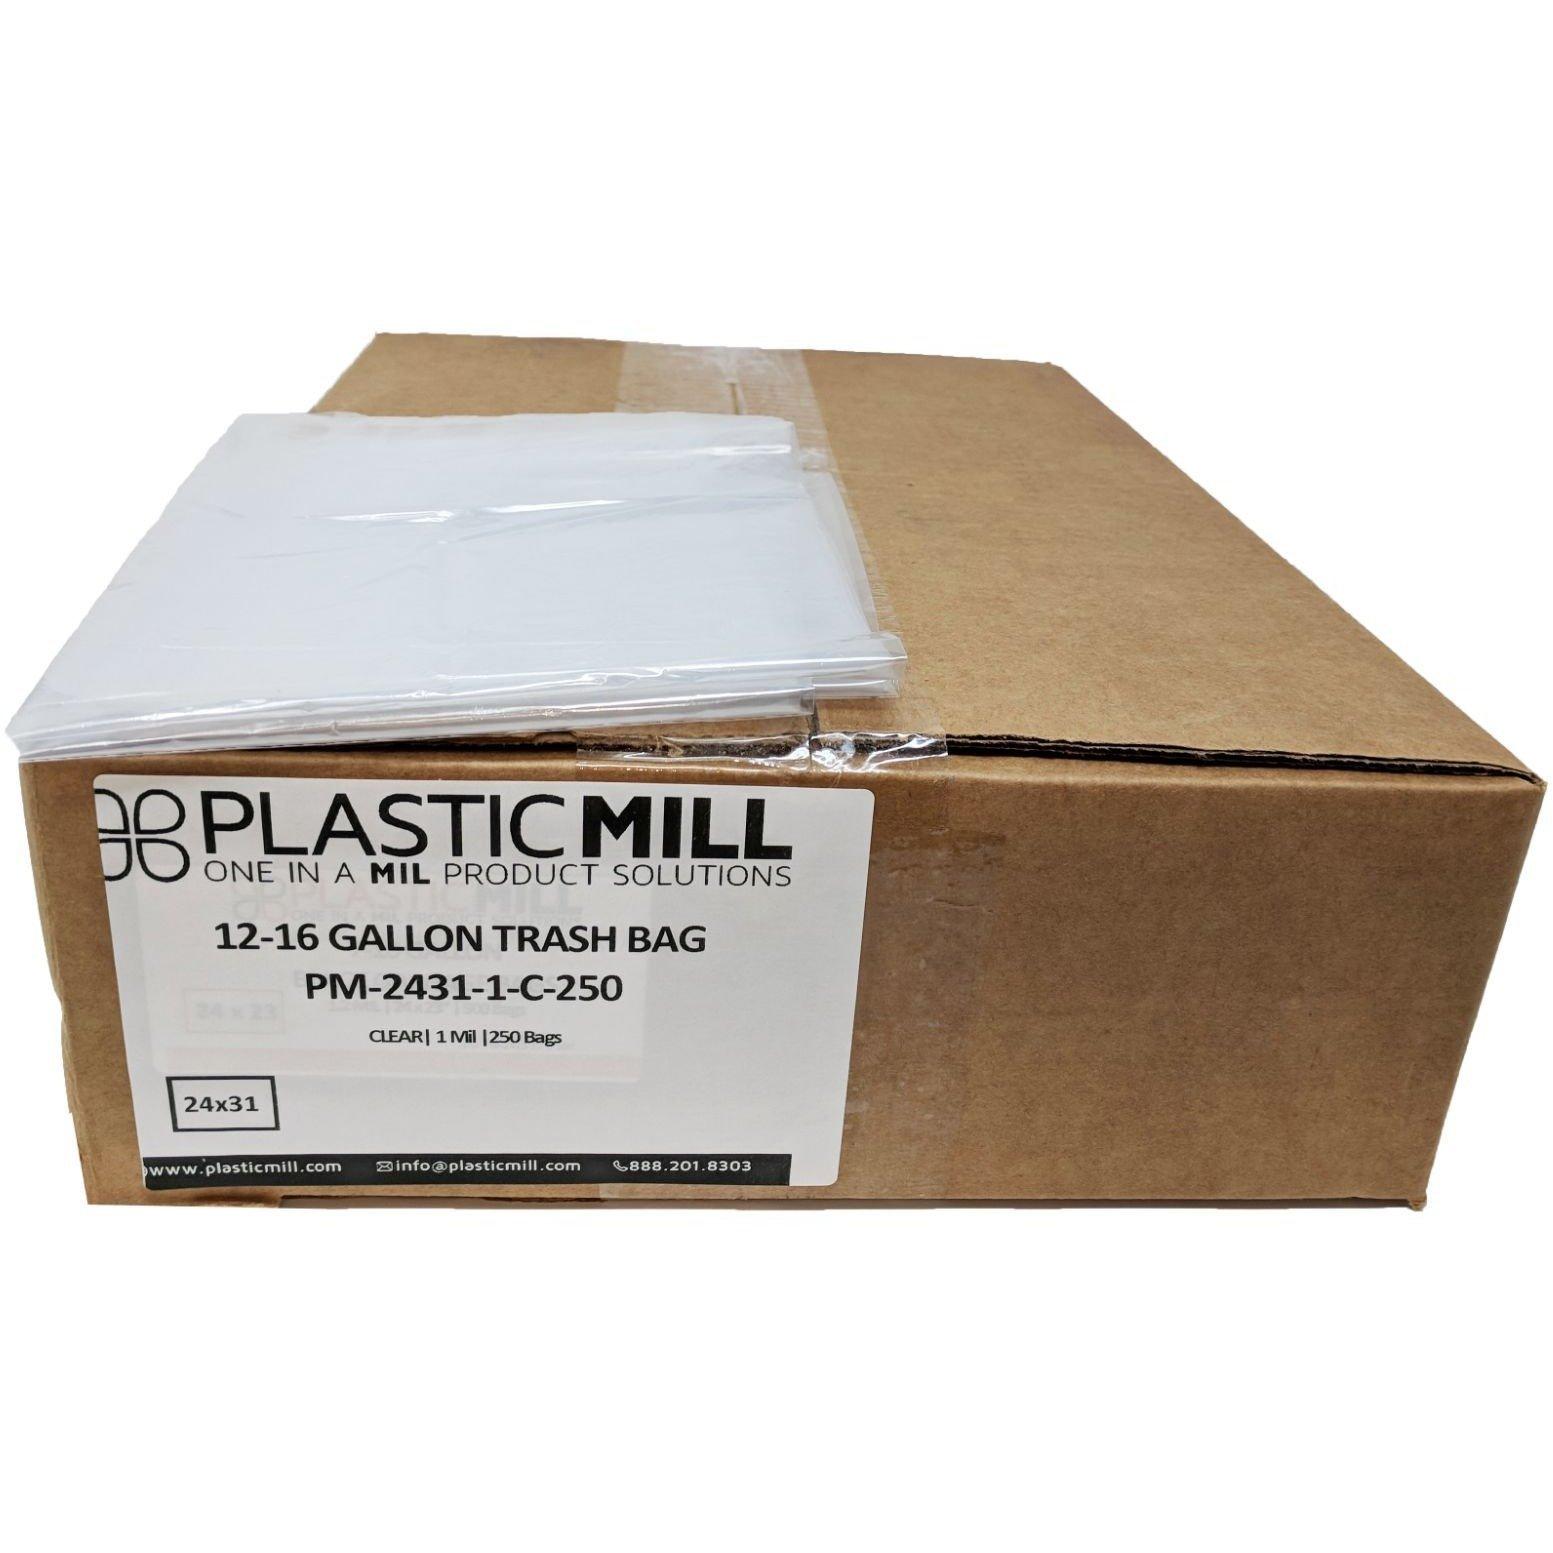 PlasticMill 12-16 Gallon, Clear, 1 Mil, 24x31, 250 Bags/